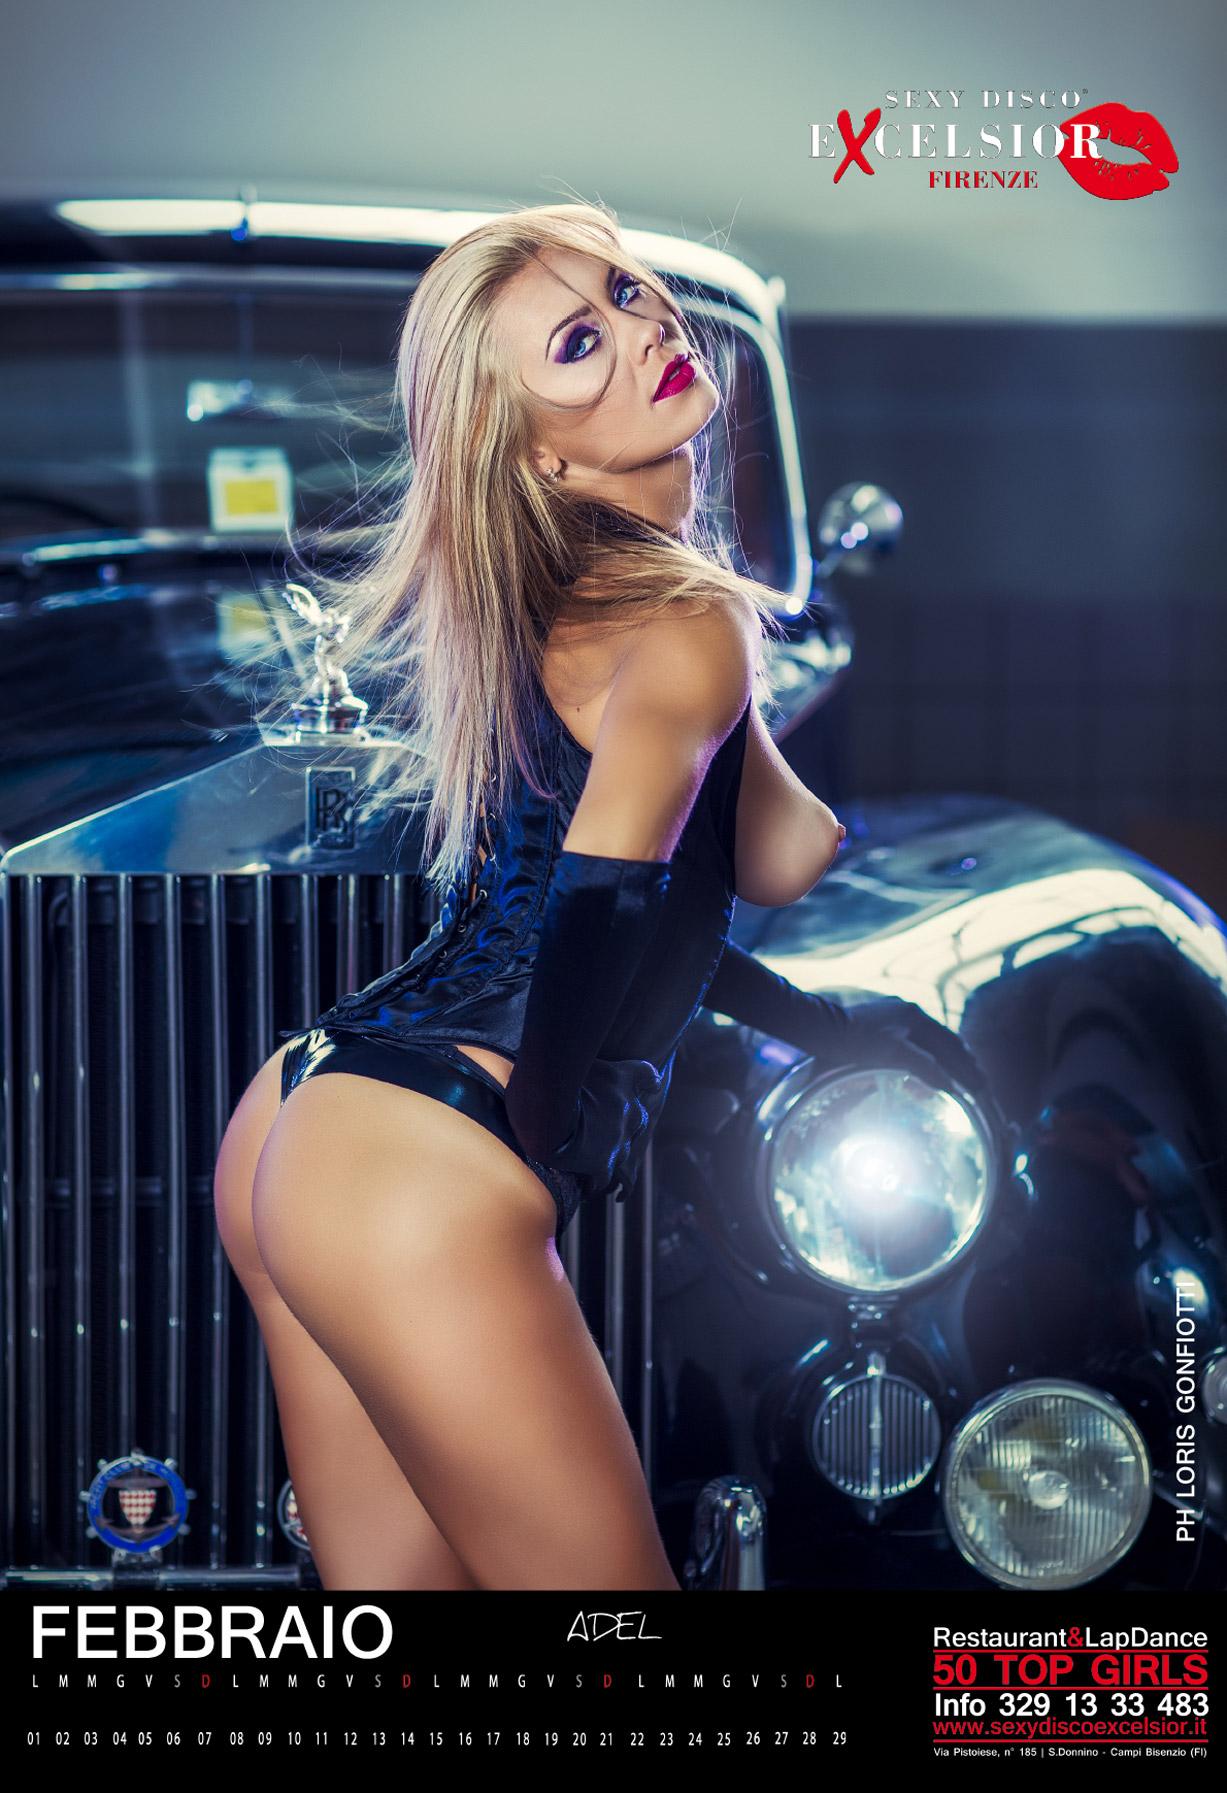 эротический календарь ночного клуба Sexy Disco Excelsior 2016 calendar - Adel